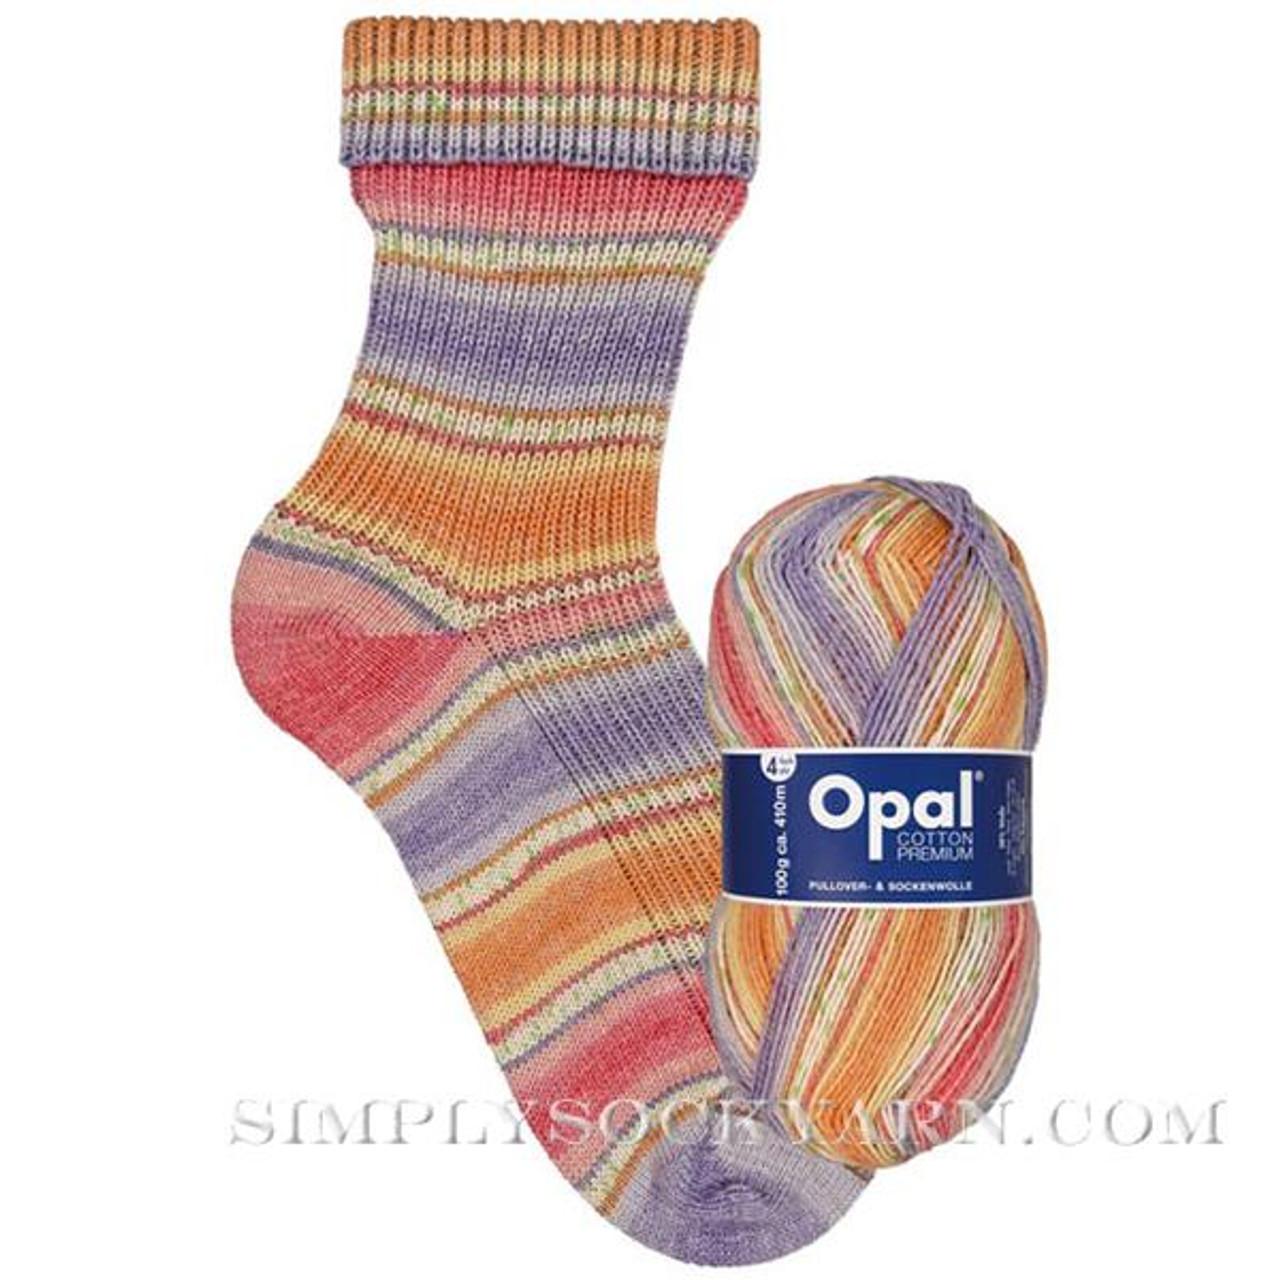 Opal Cotton Premium 9711 -